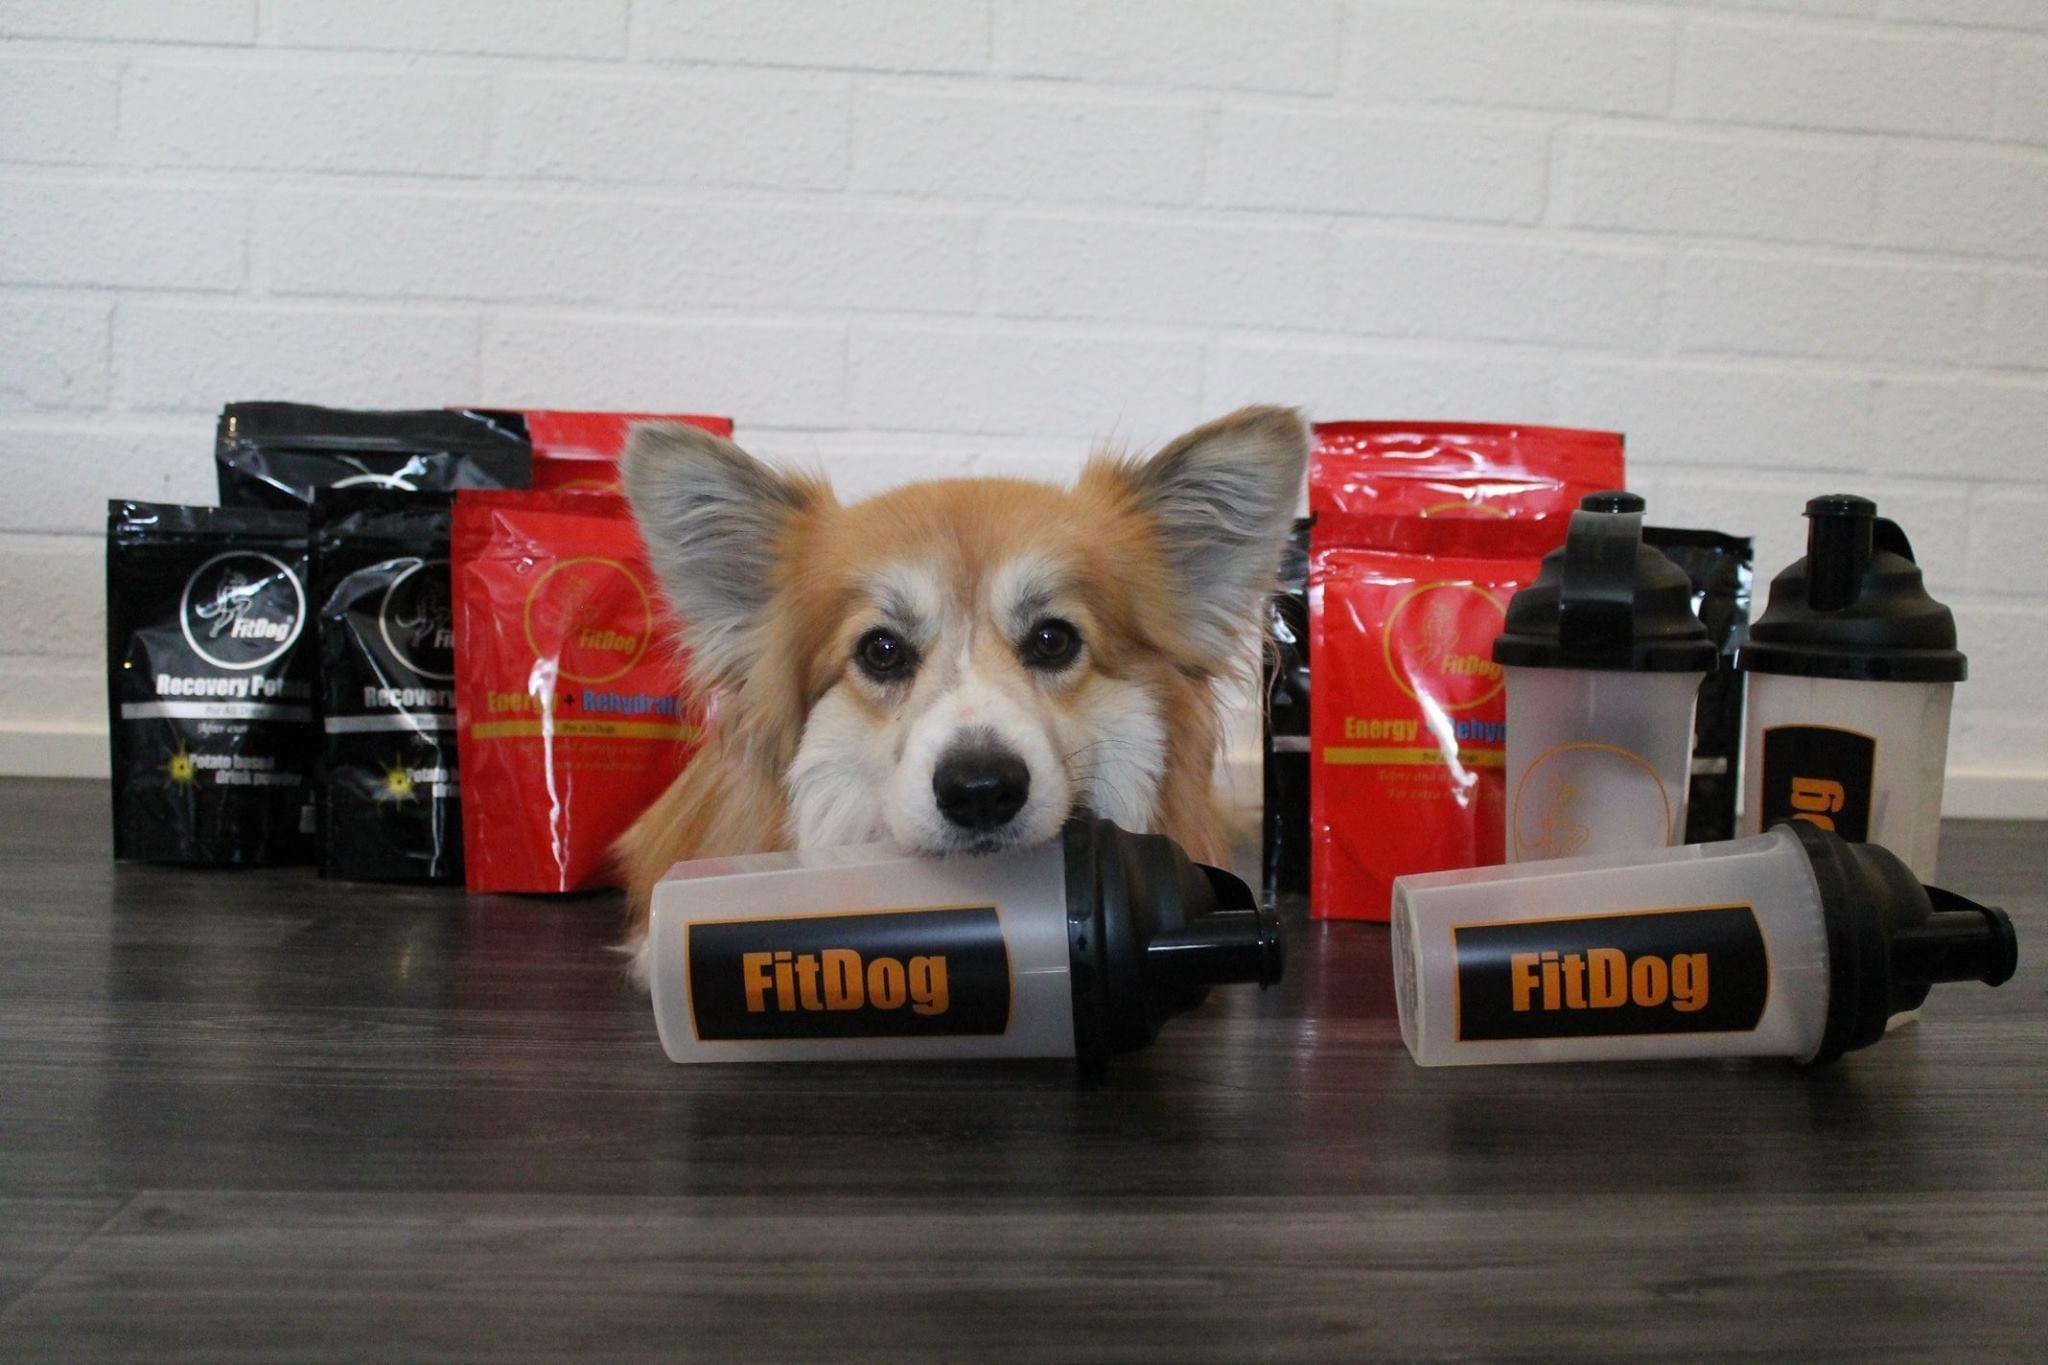 Huh hellettä! Vinkit kuumille kesäpäiville – Yhteistyössä Fitdog Finland Oy